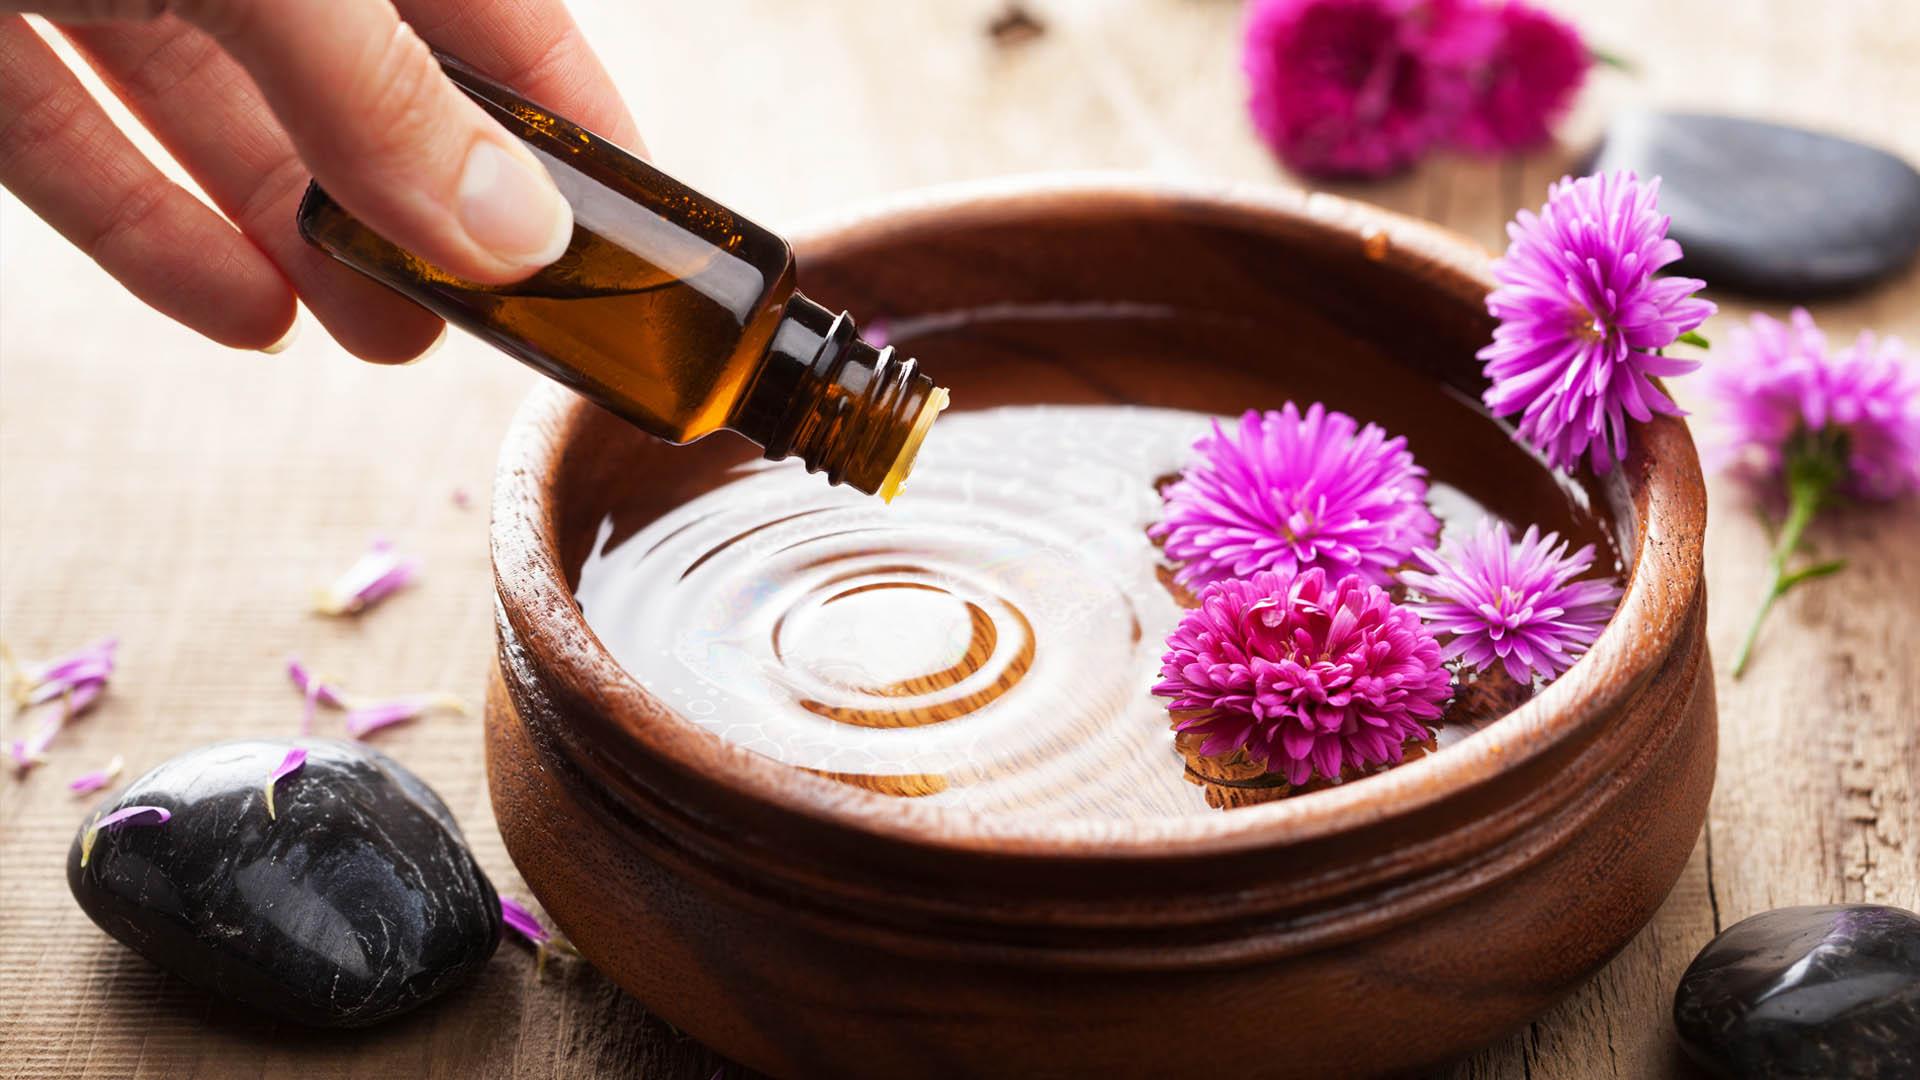 Жожоба — лечебные свойства, применение и рецепты